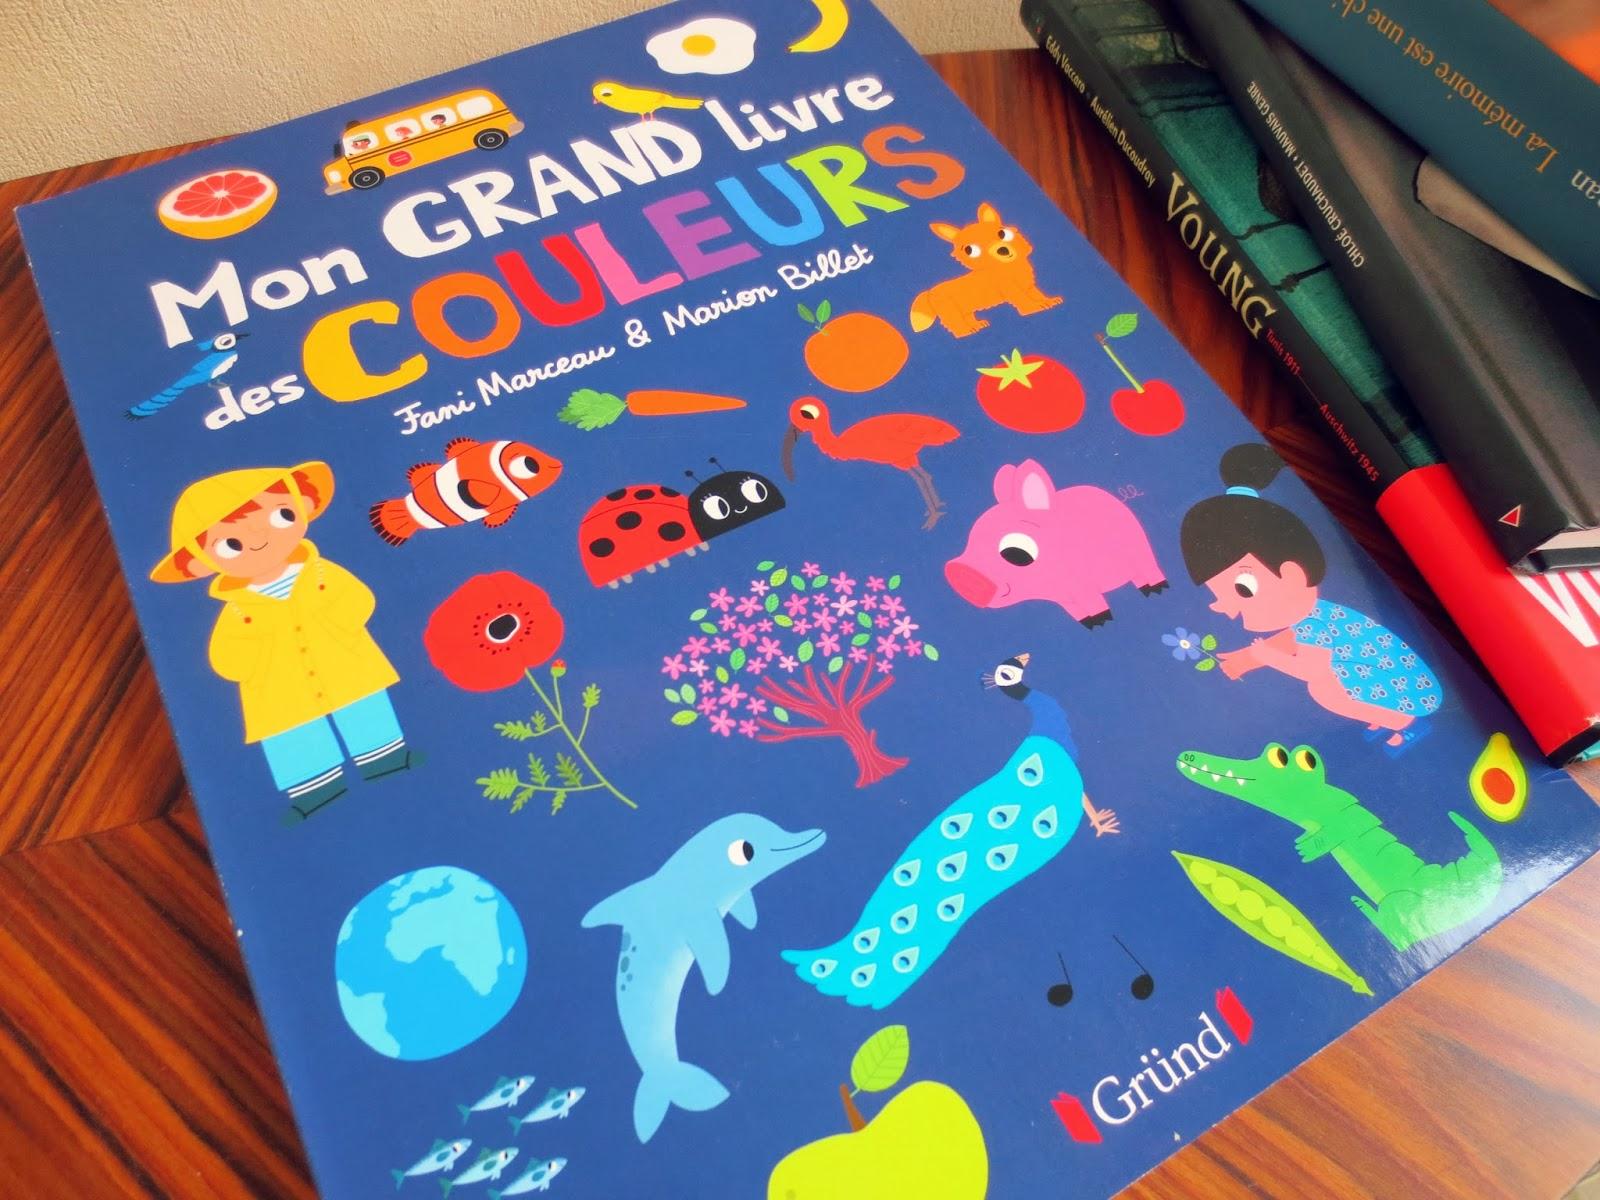 Et hop, dans mon sac !: L'imagier multicolore de Marion Billet !